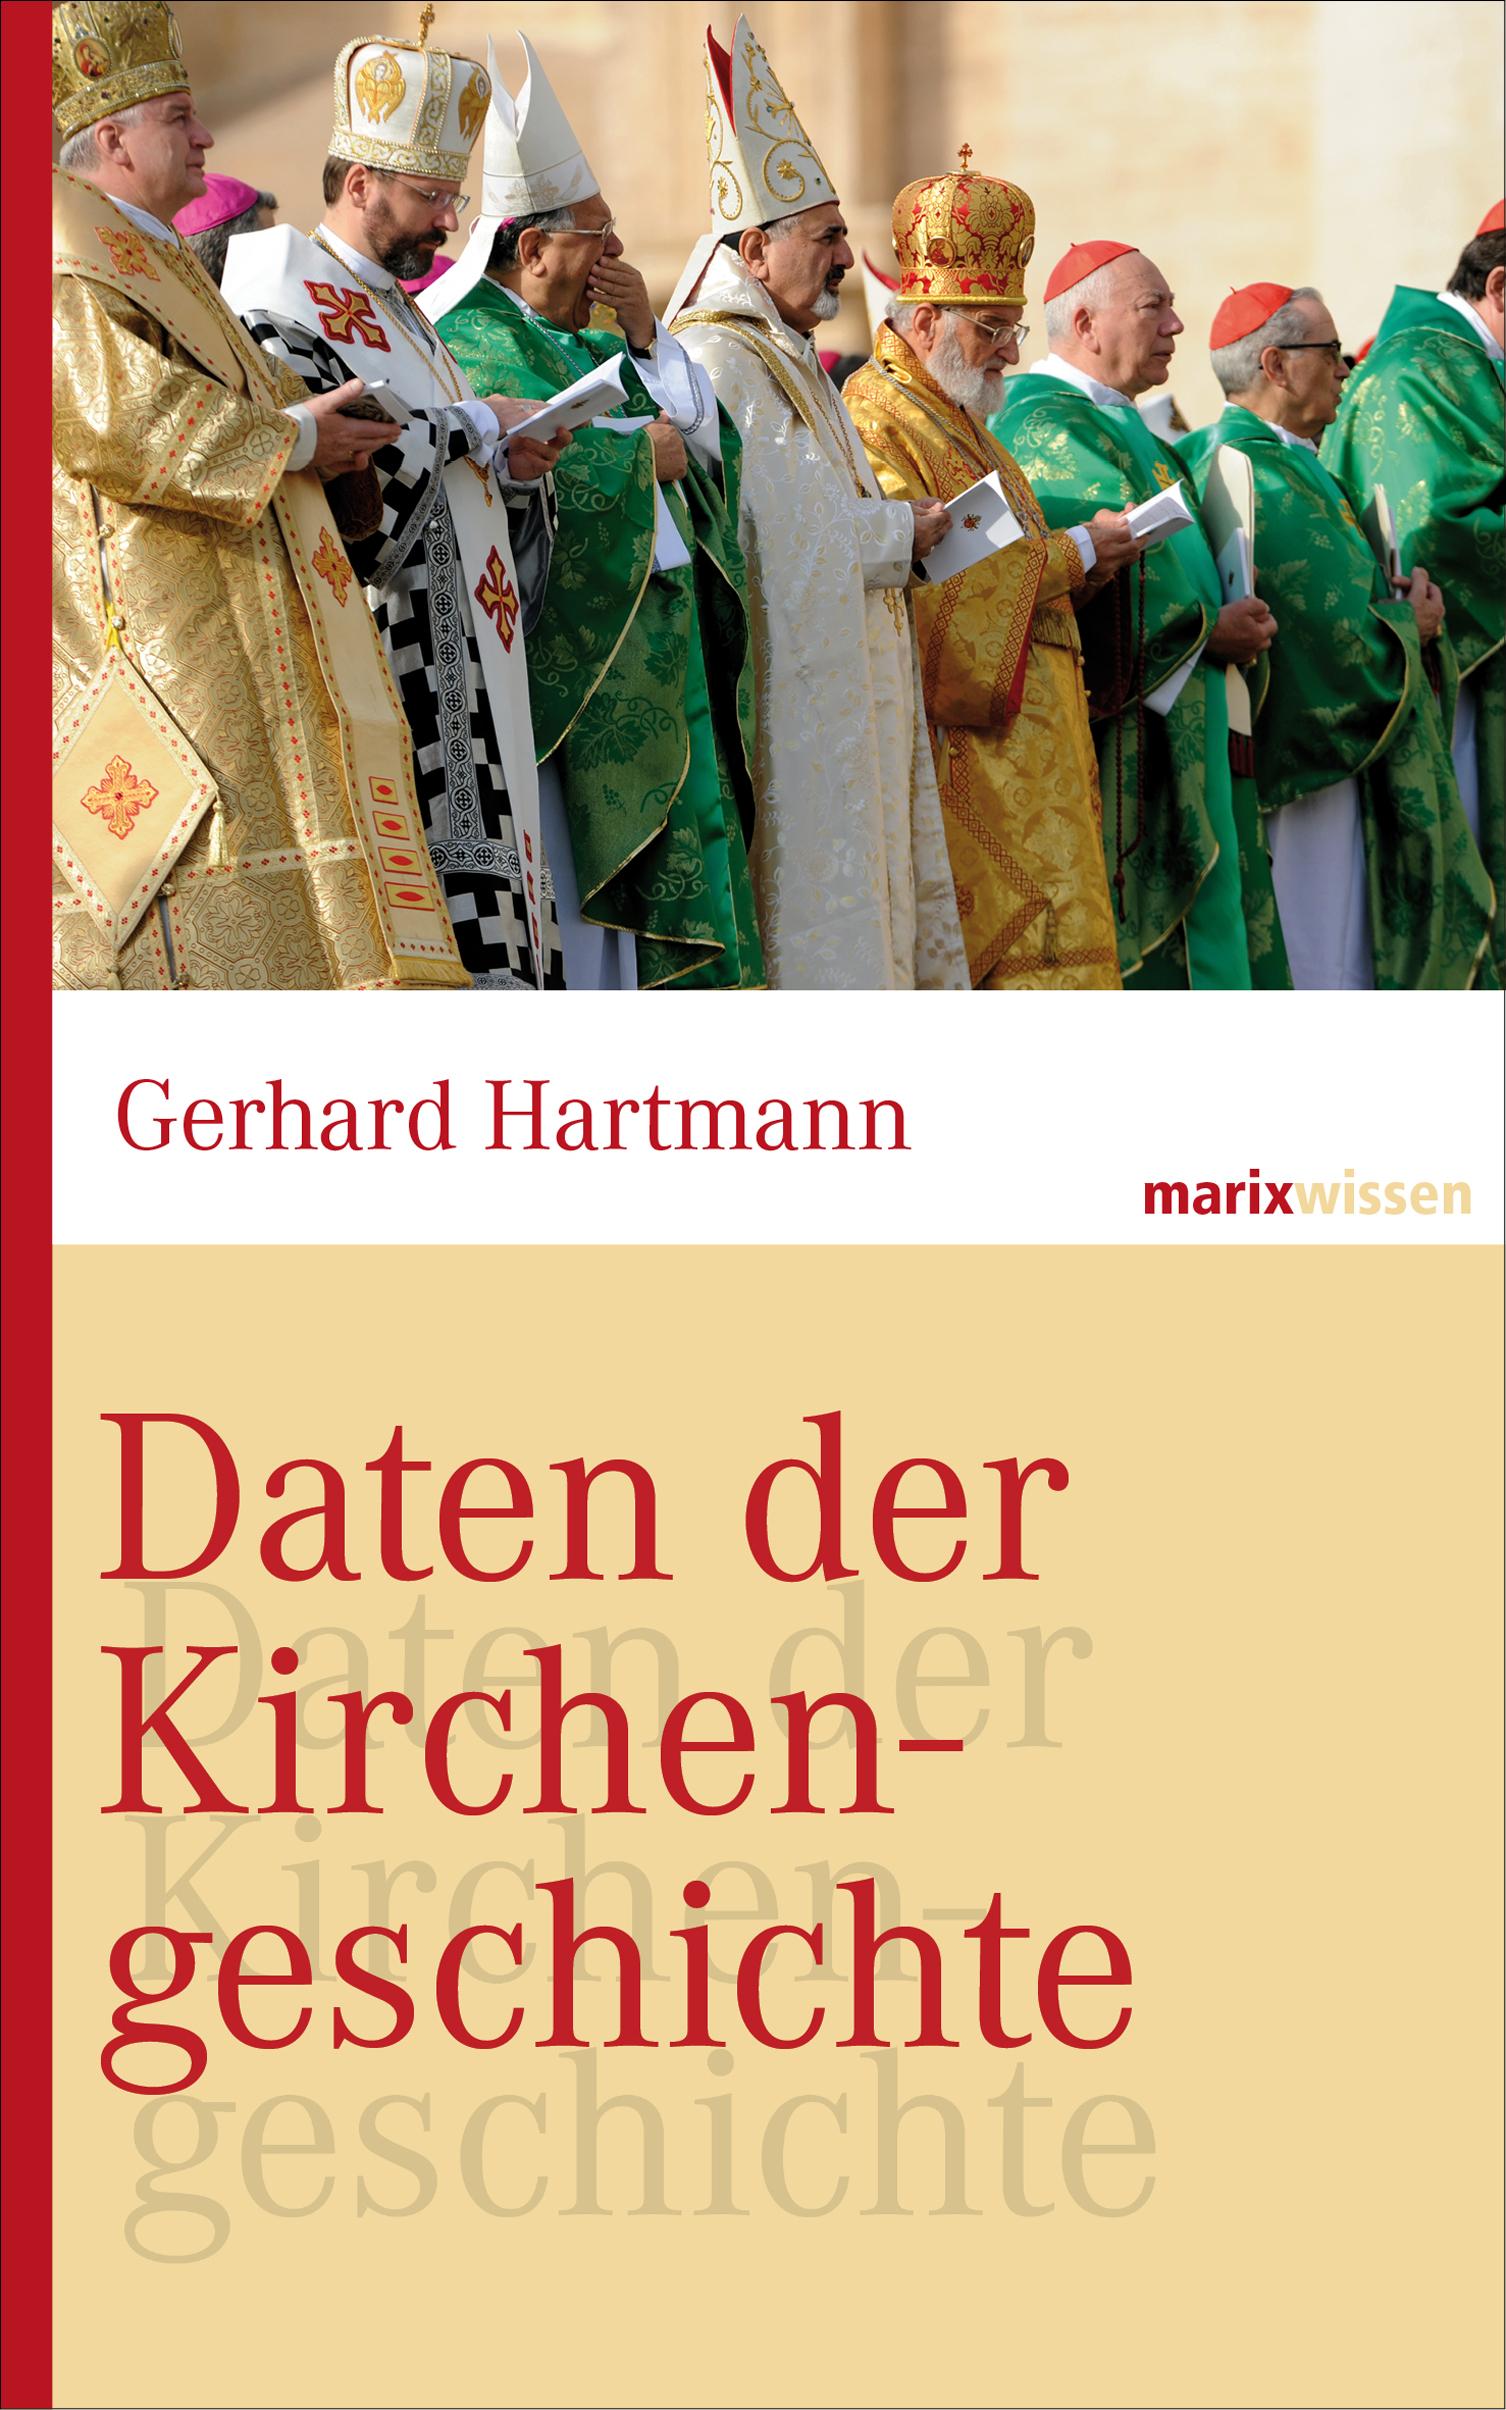 Gerhard Hartmann Daten der Kirchengeschichte